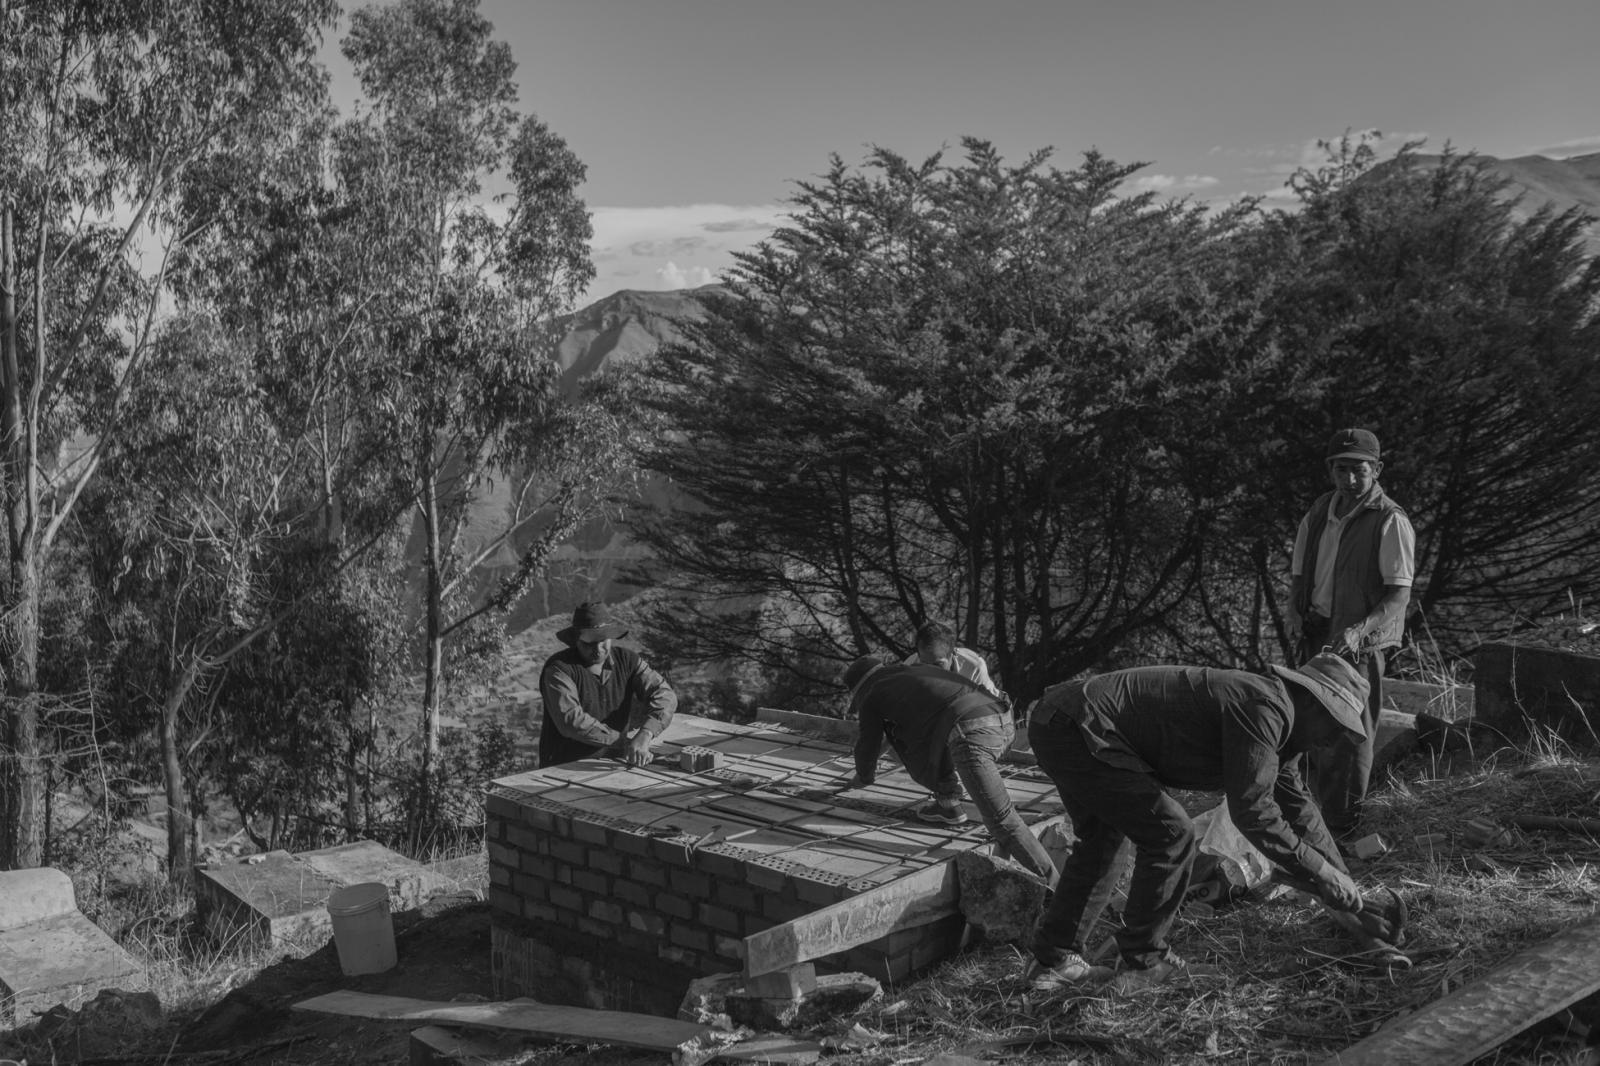 Pobladores de Jacaspampa terminan de construir los nichos donde serán enterrados 4 miembros de la familia Morales, que fue asesinada por Sendero Luminoso en 1984.